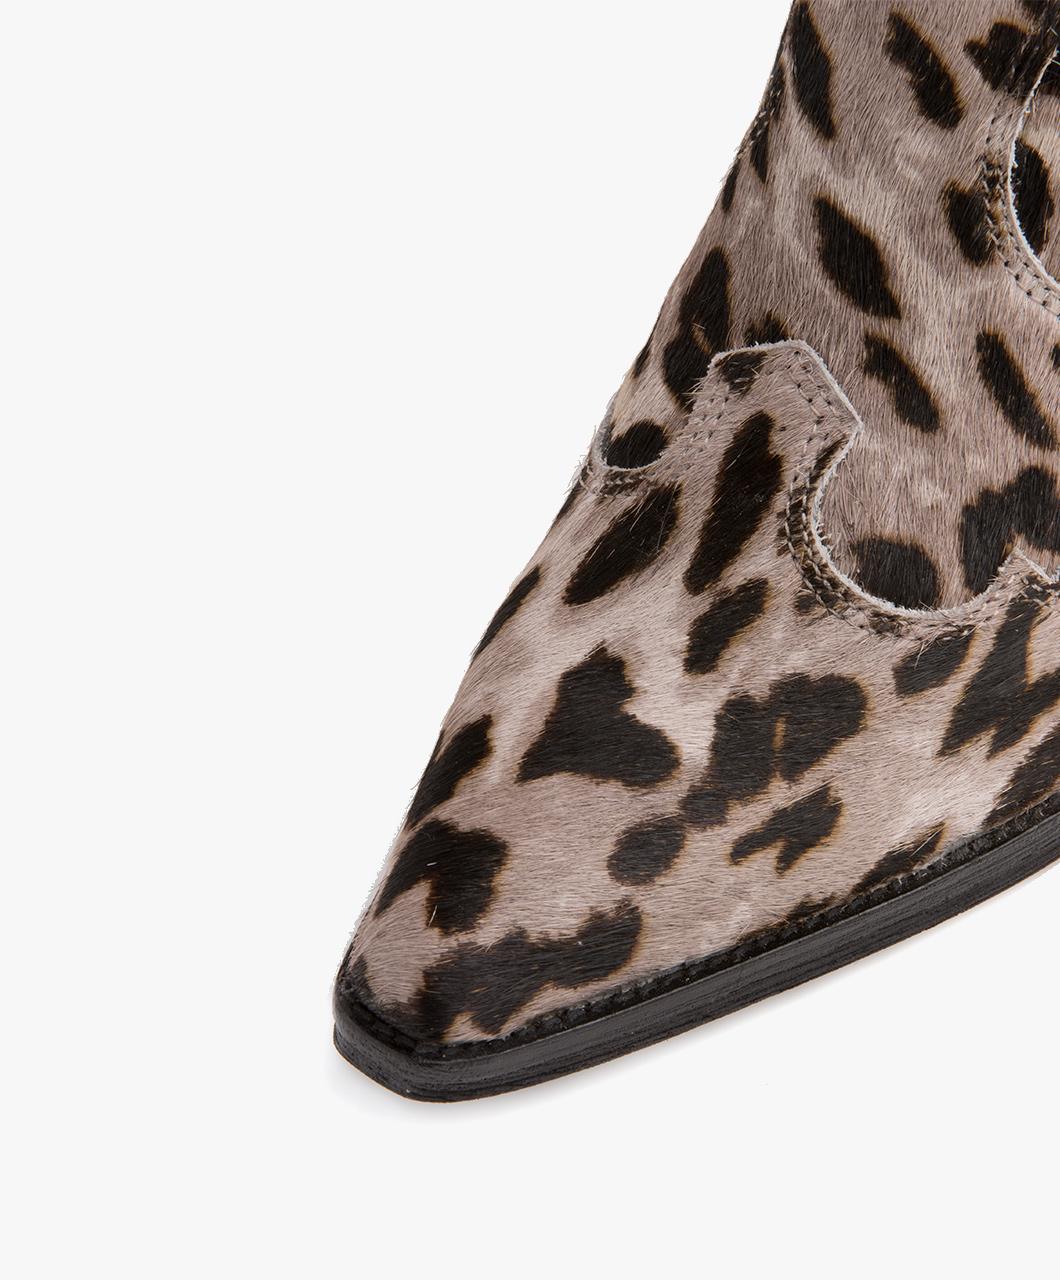 641d07838 Sam Edelman Winona Western Ankle Boots - Grey Multi - winona boots multi